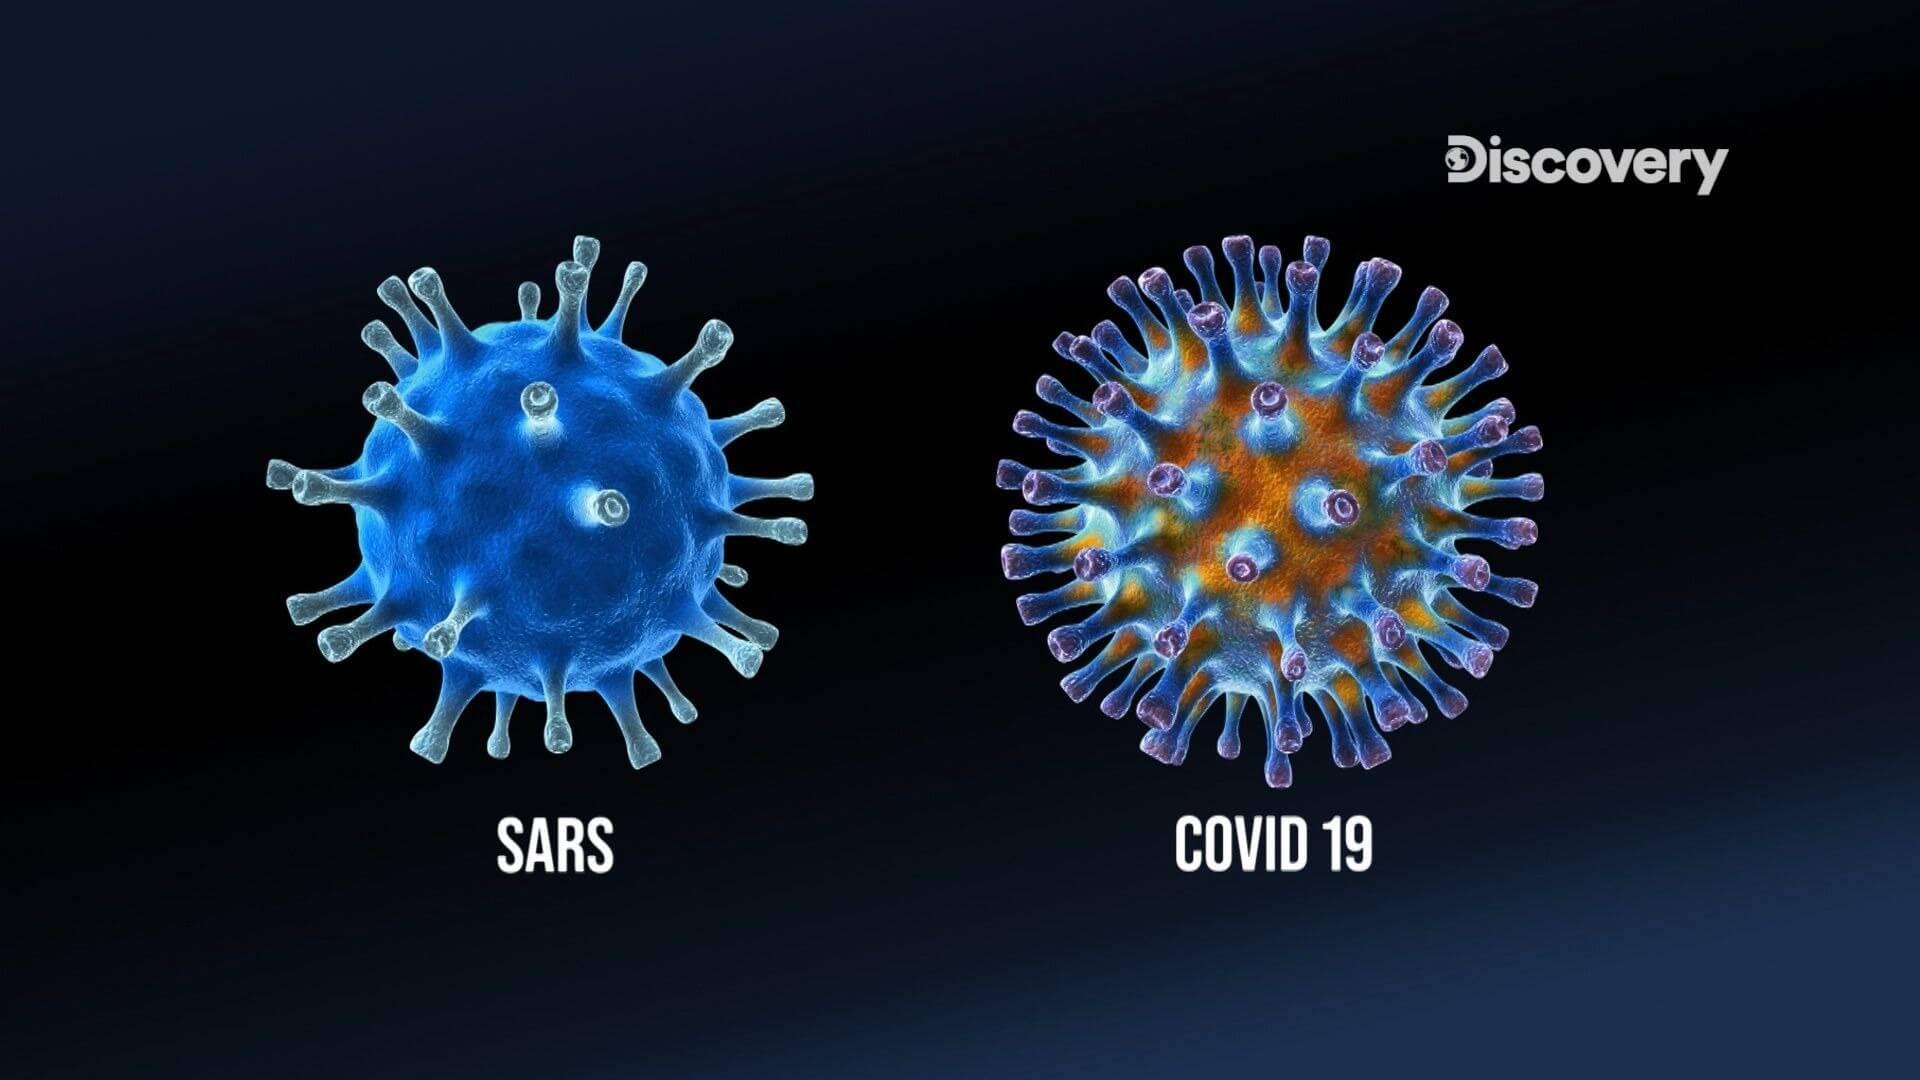 新冠病毒的傳播途徑令人難測,根據研究顯示,新冠病毒竟能在塑膠製品上存活高達3天,專家也提出病毒一旦穿透宿主細胞即可一再自行複製,而終結病毒的複製力也可能是終結它的關鍵!(圖/Discovery頻道提供)